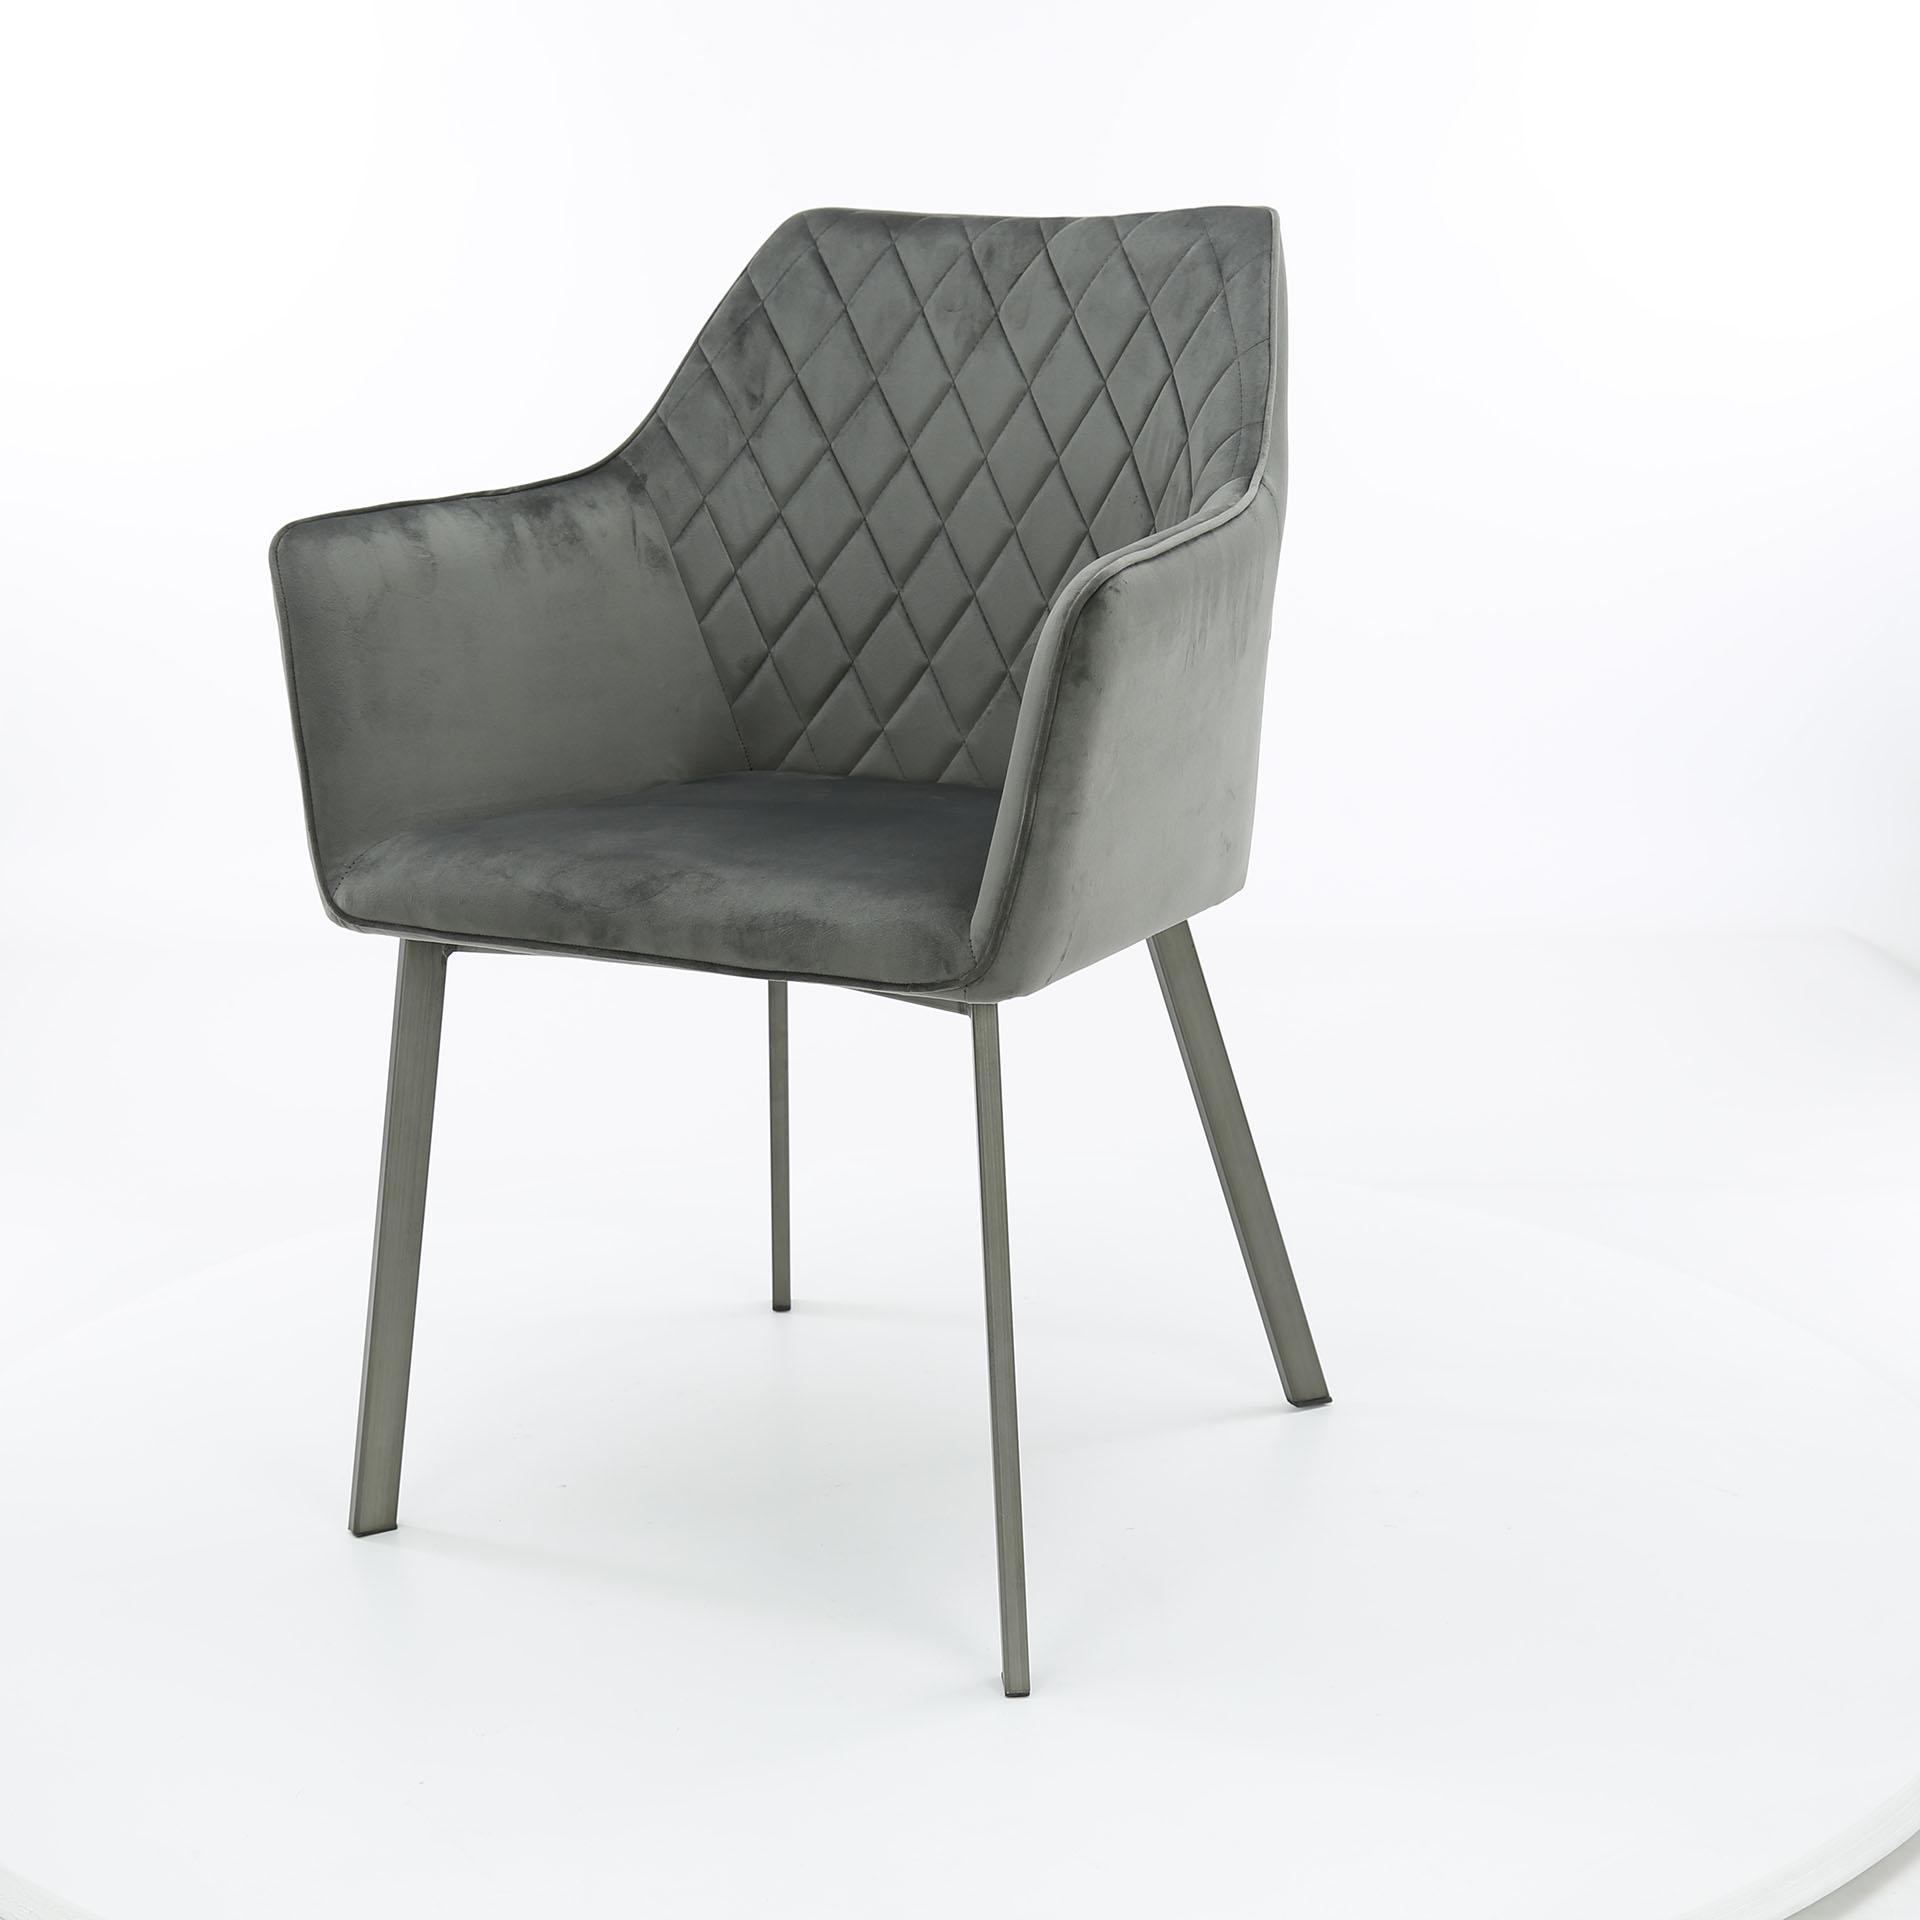 fauteuil de table velours gris anthracite motif losange lot de 2 melbourne